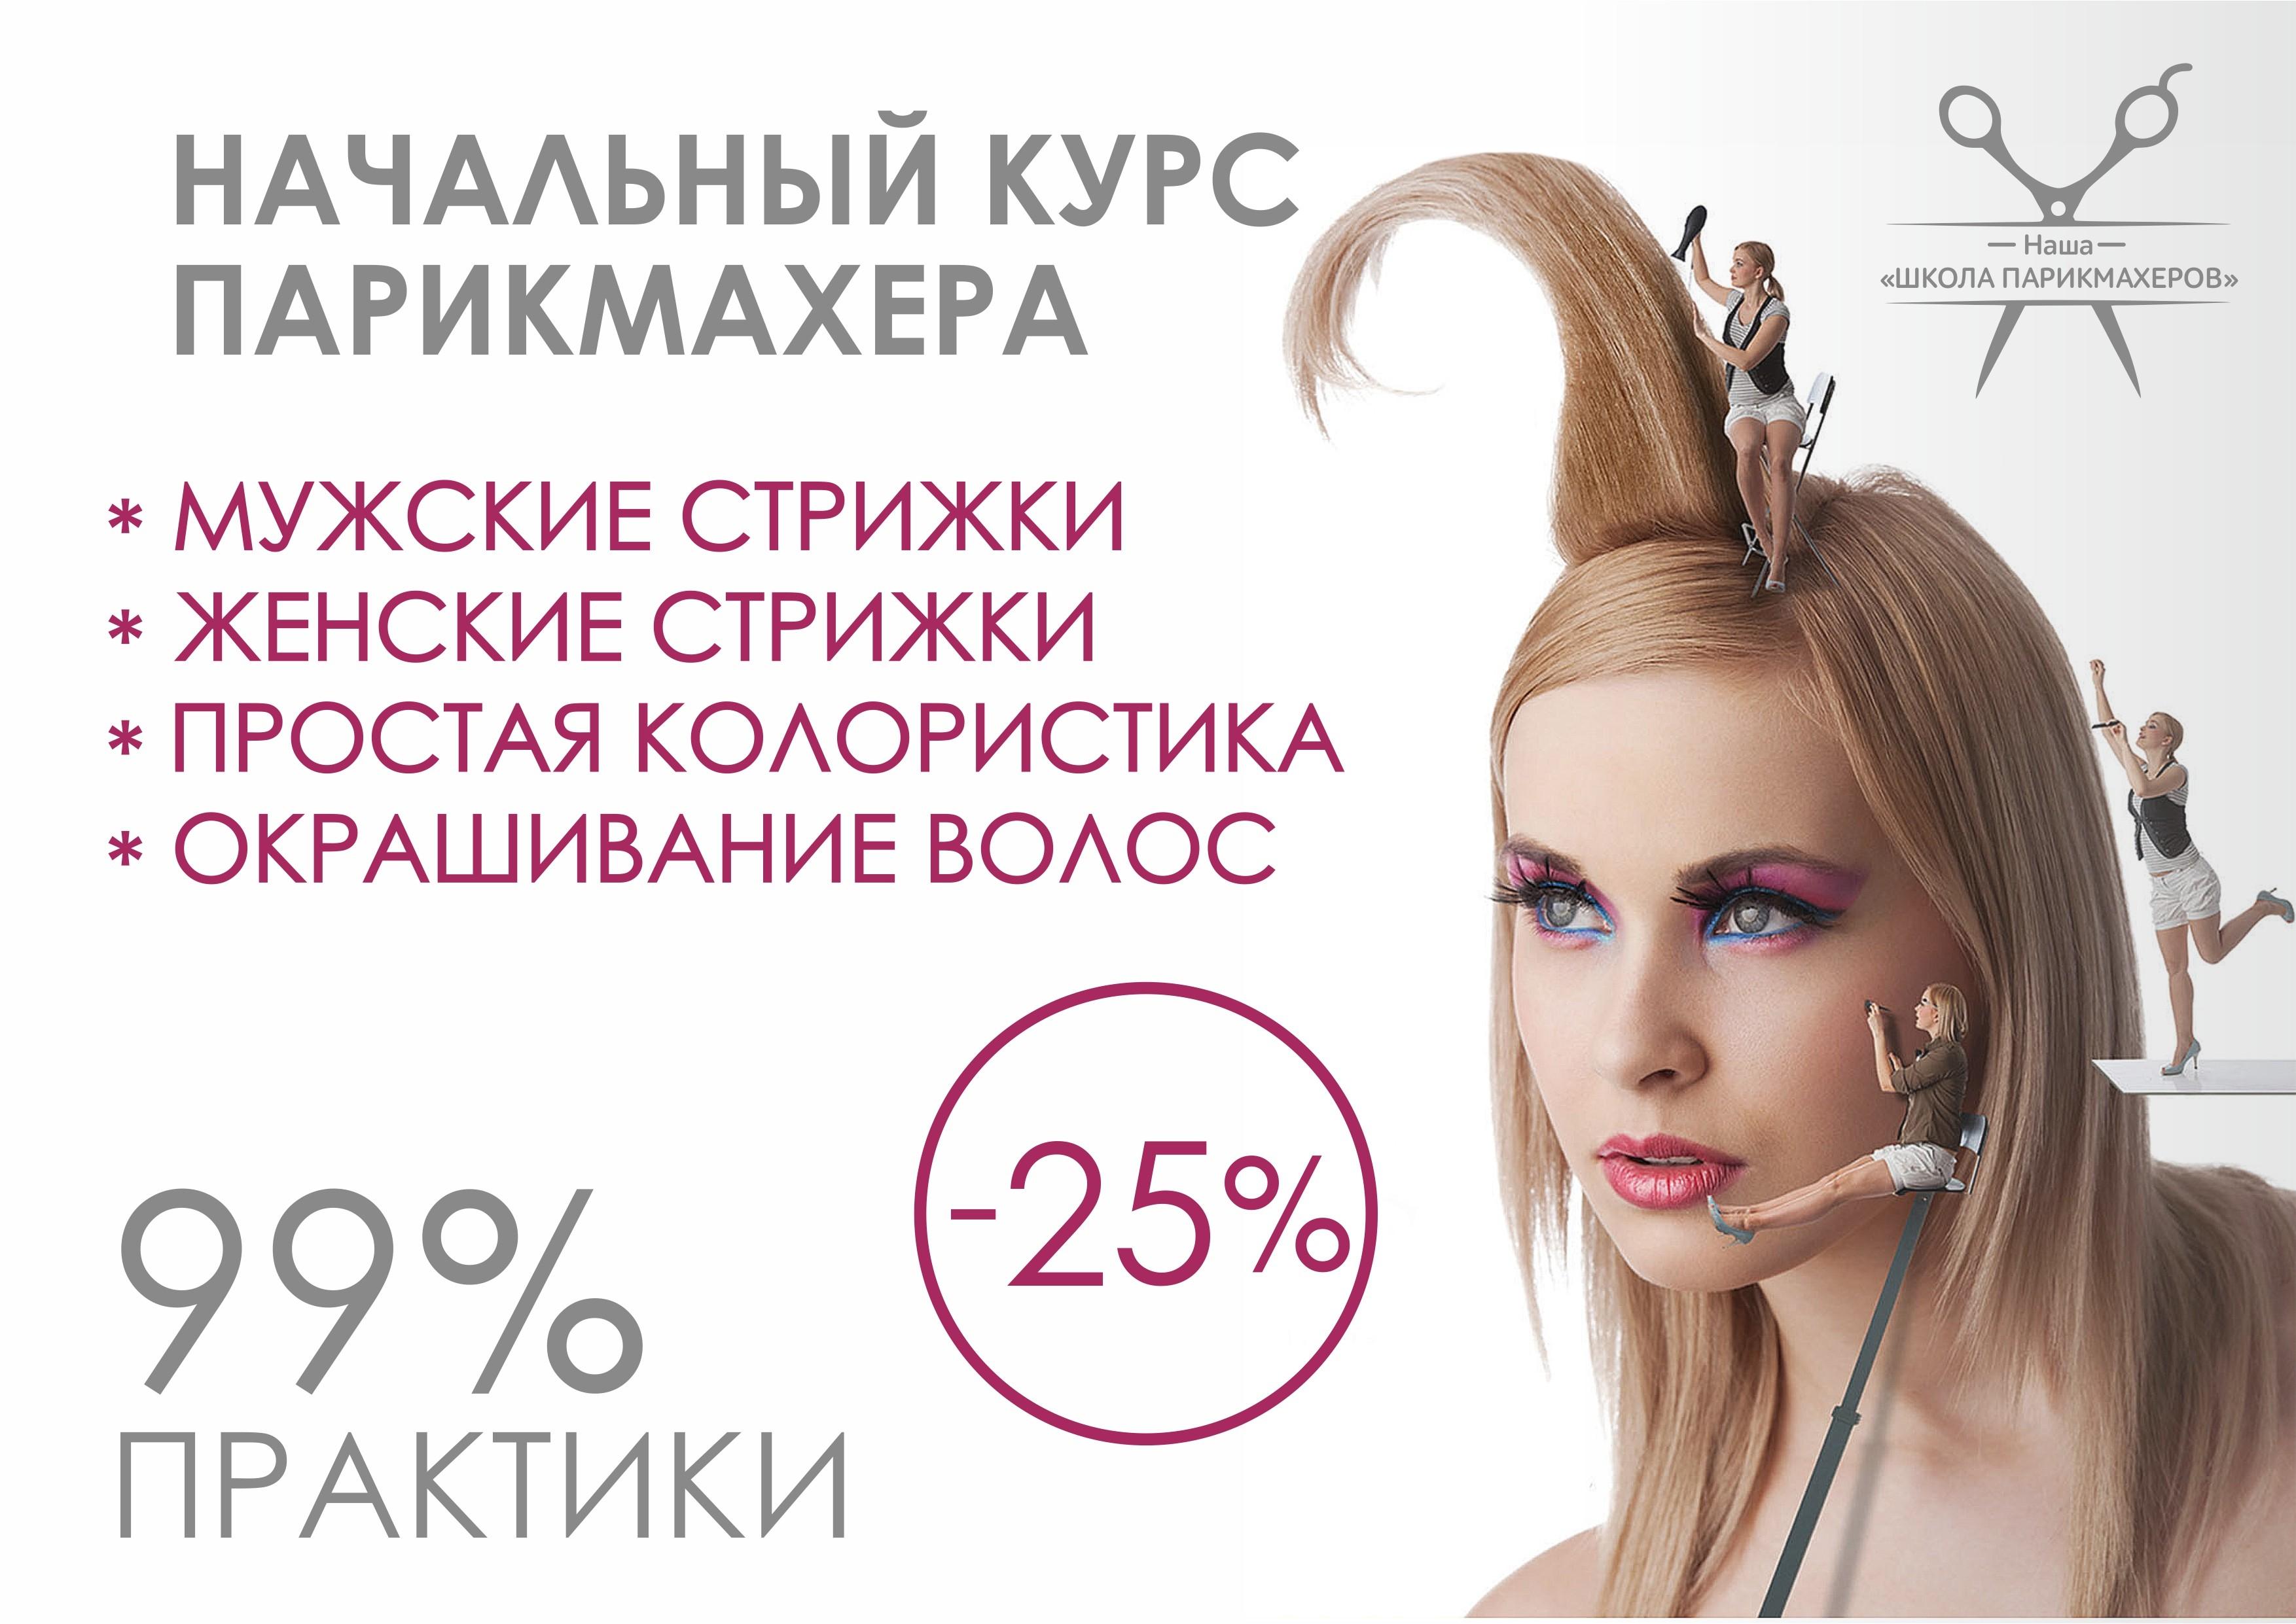 Скидка на «Начальный курс парикмахера» 25%